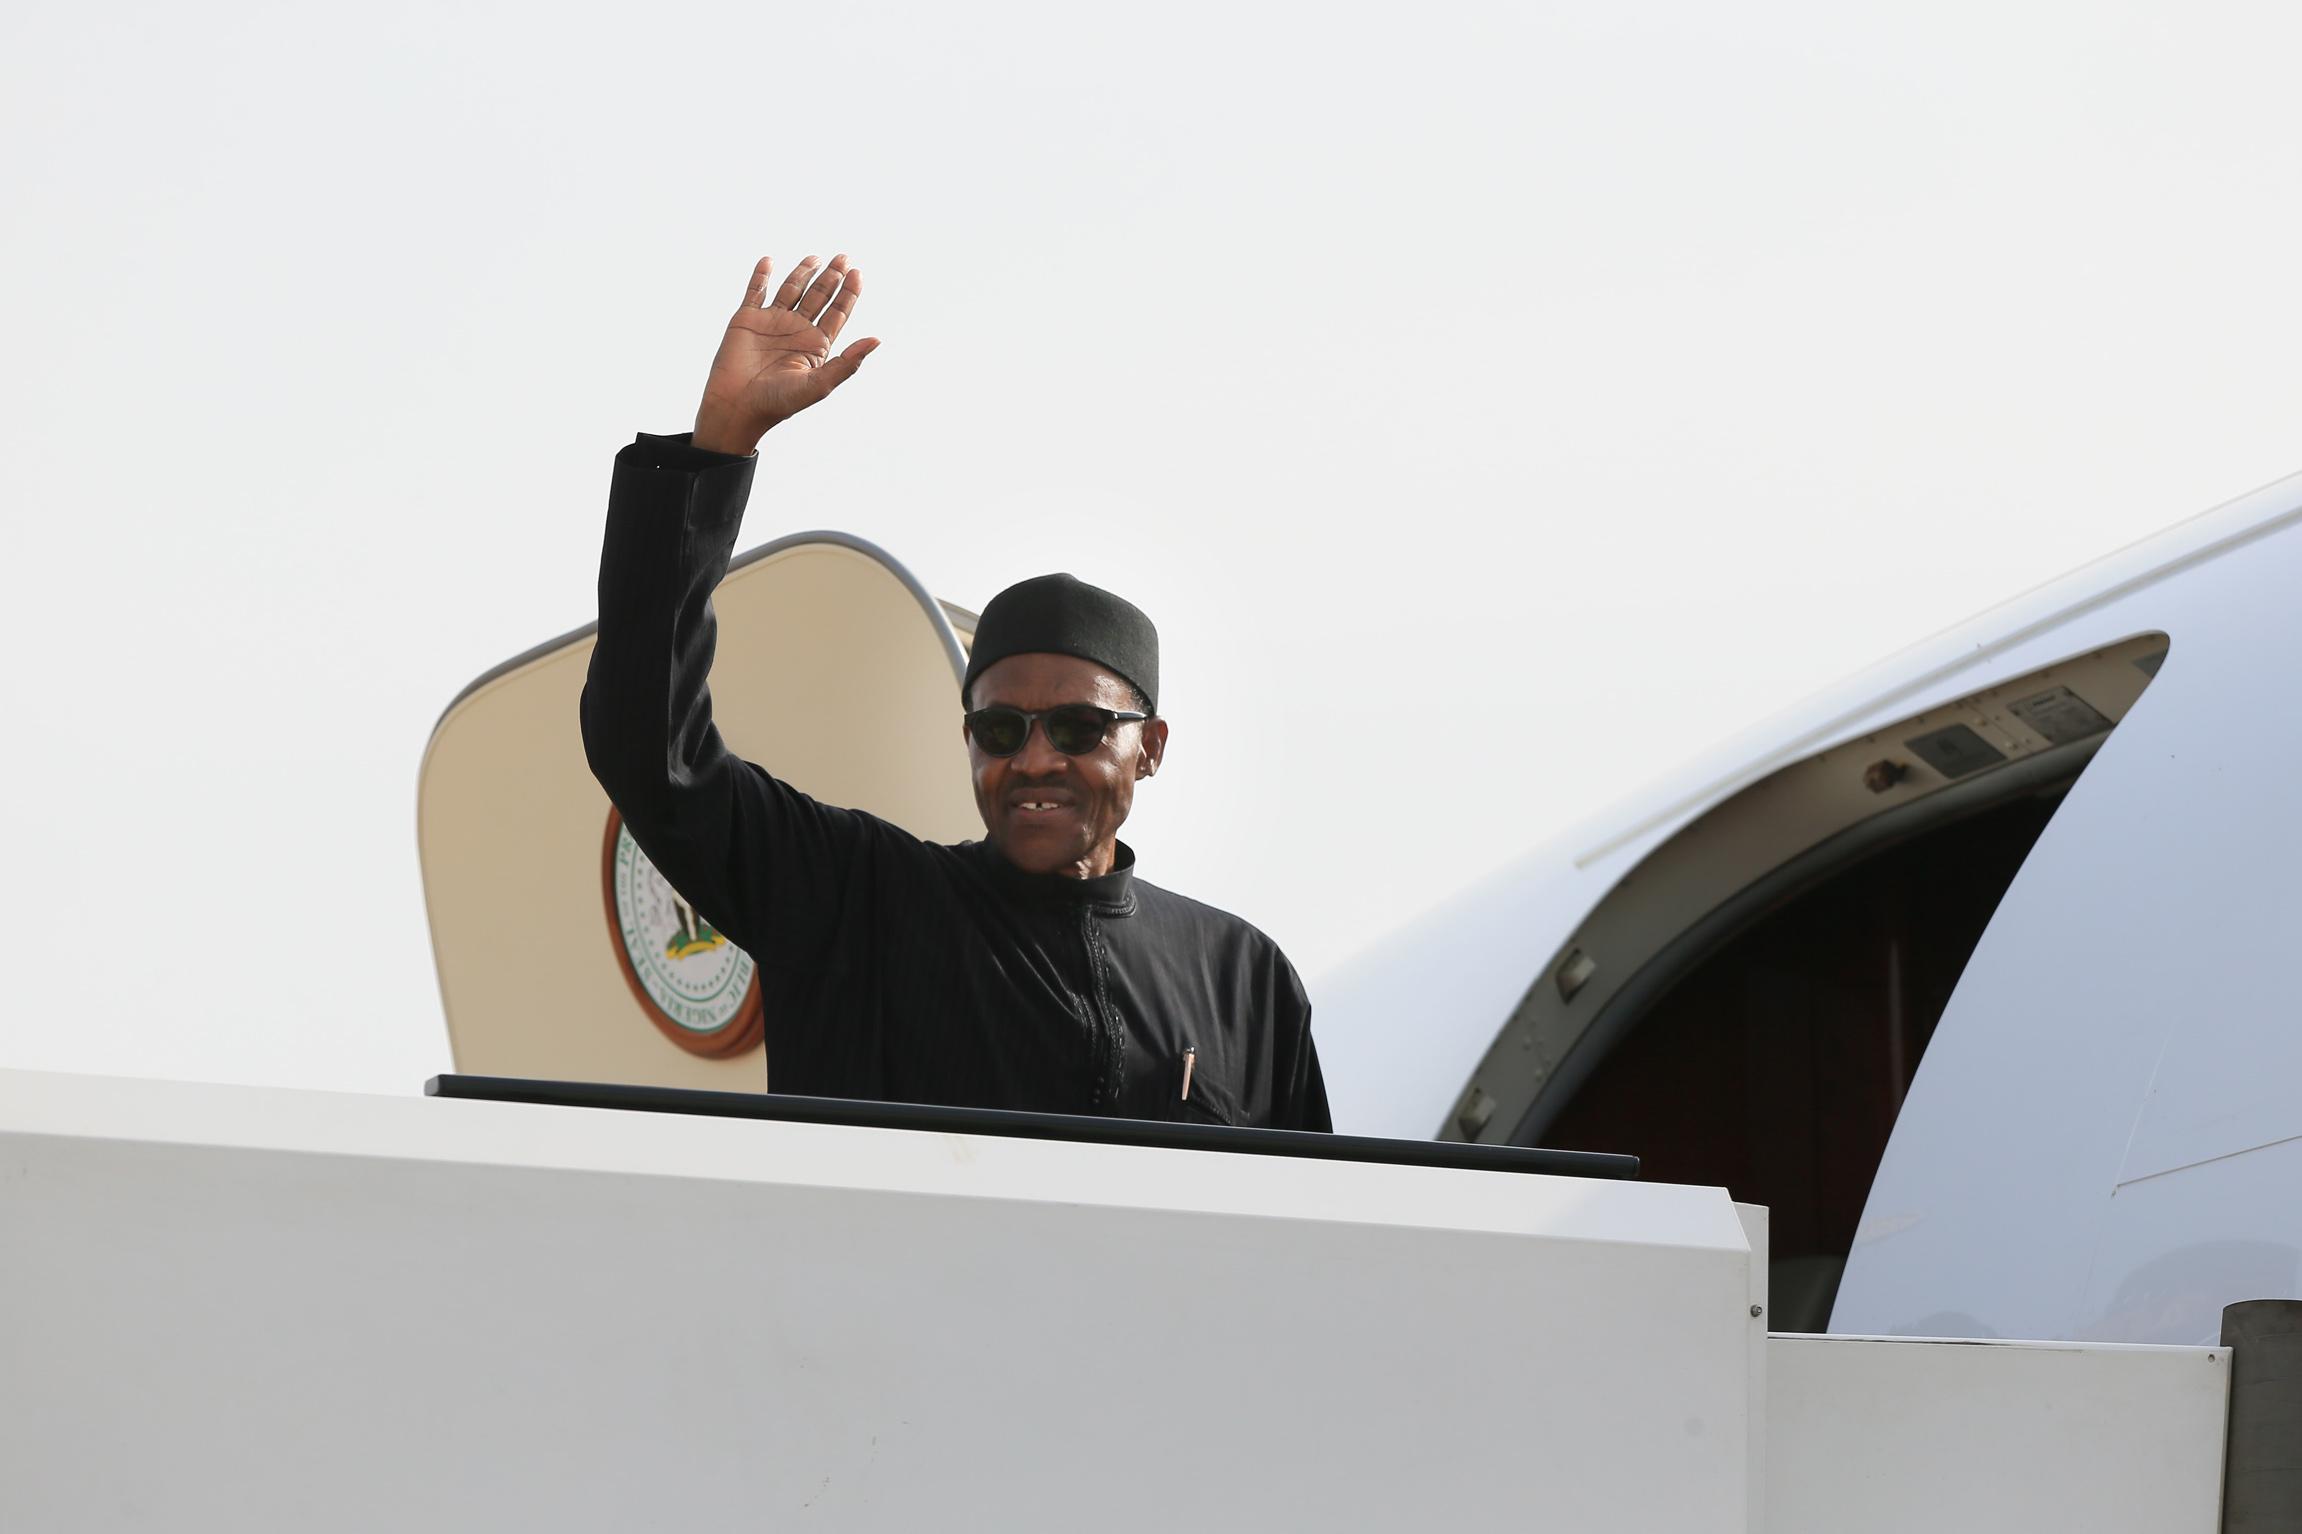 Buhari-in-plane.jpg